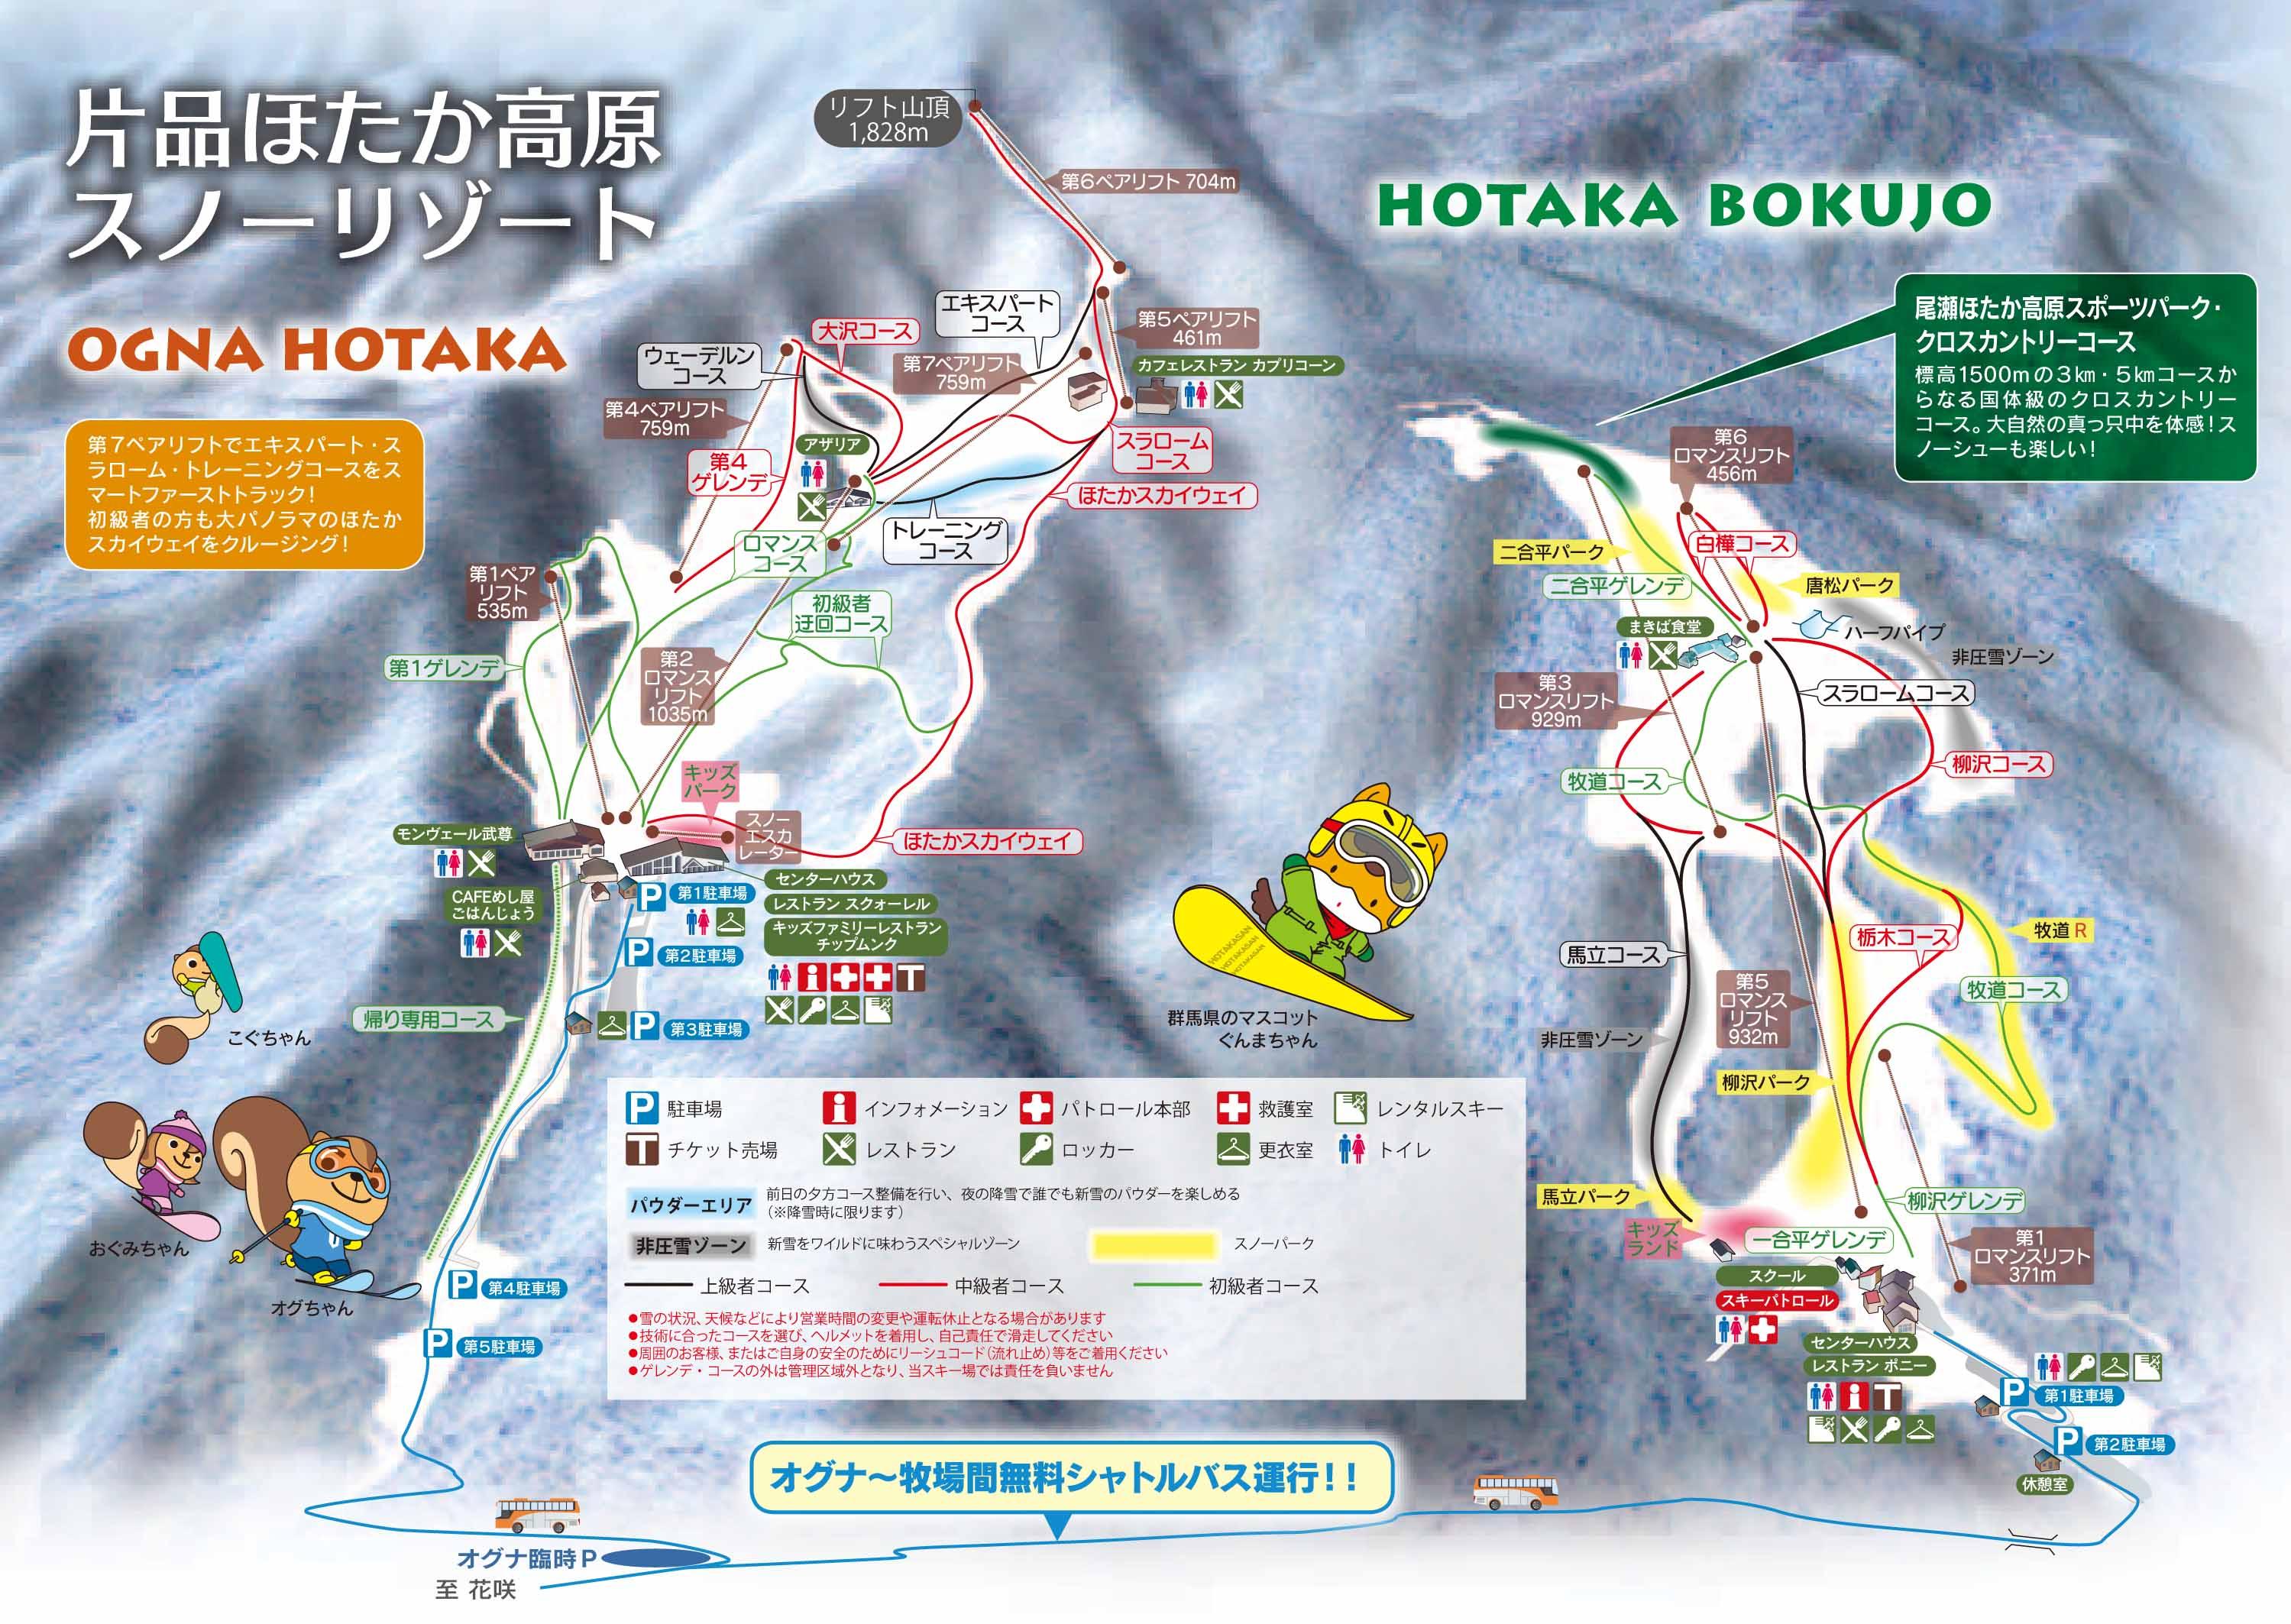 オグナほたかスキー場